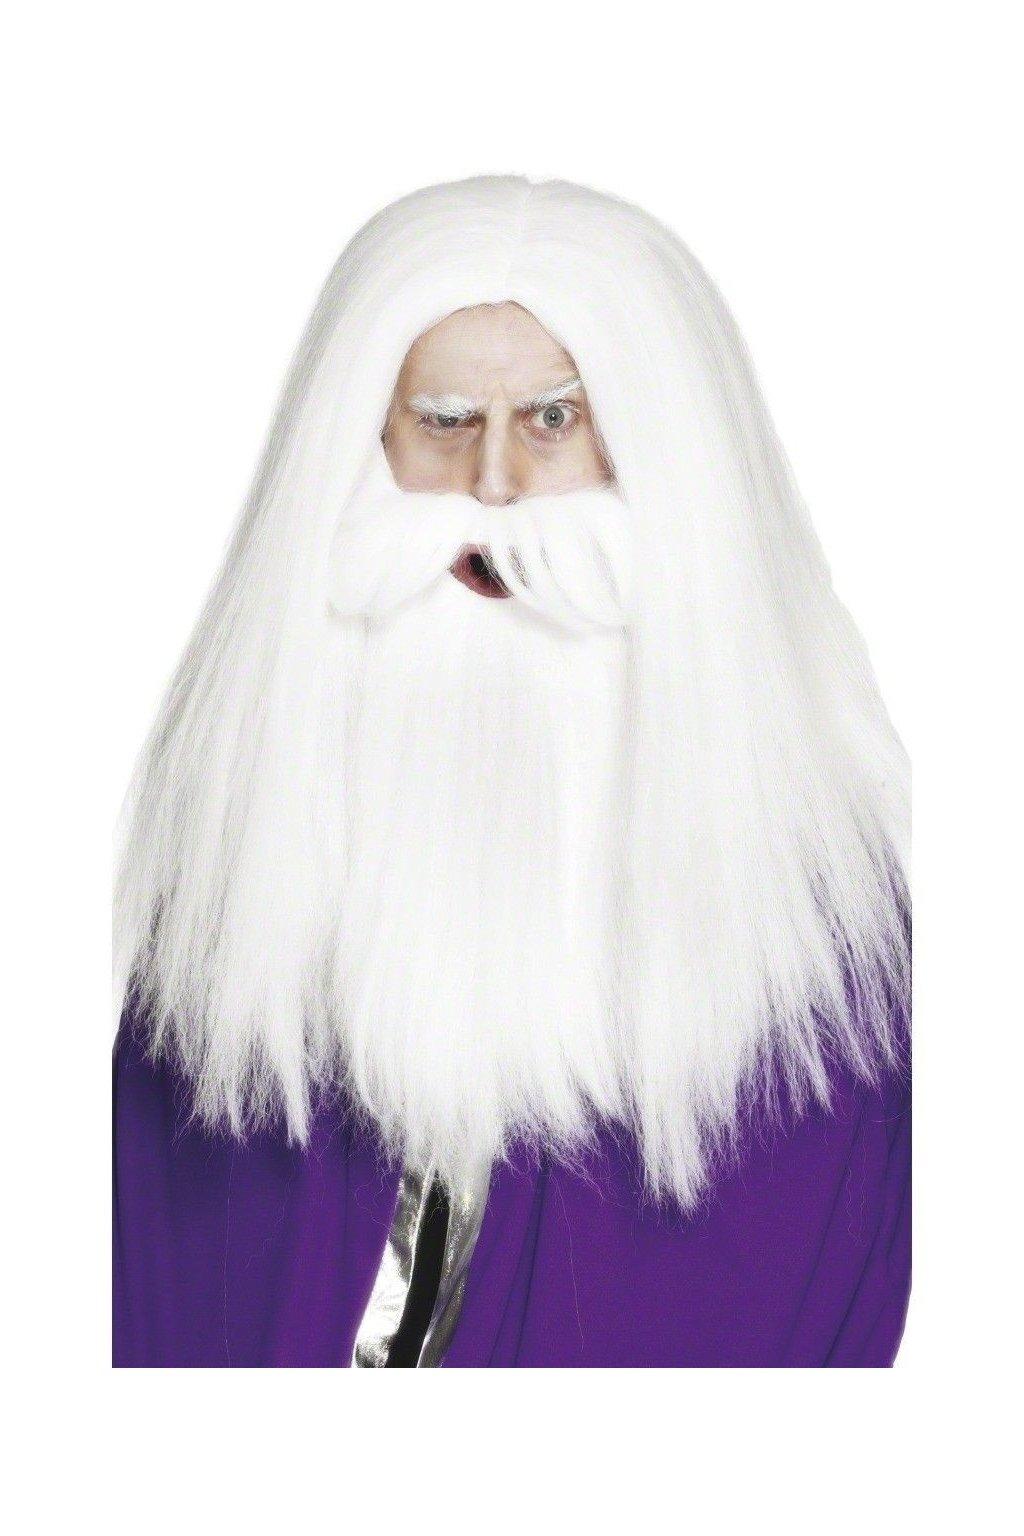 Paruka a vousy Santa - White Walker